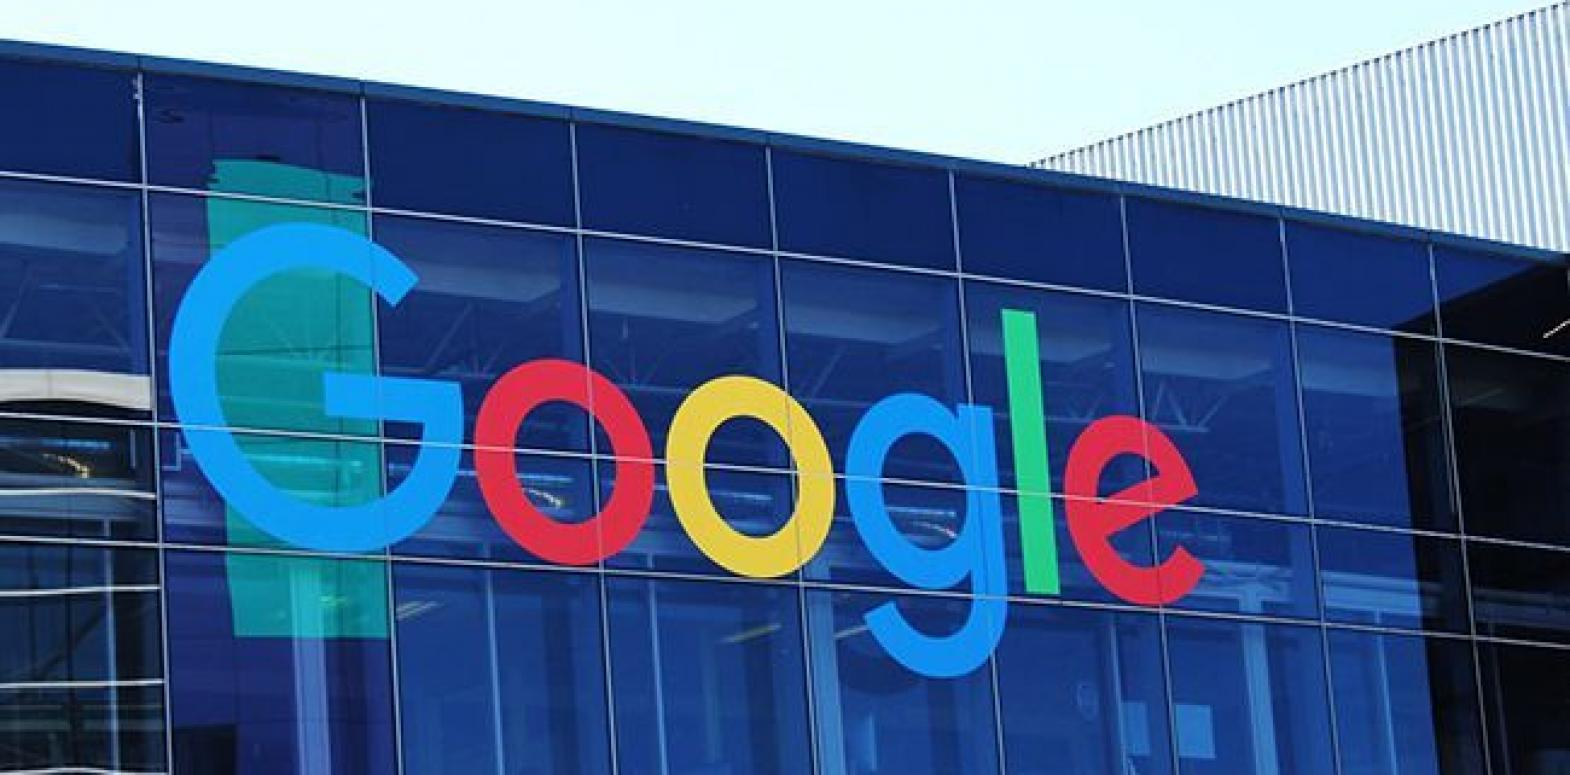 Google оштрафовали на 11 млн долларов из-за дискриминации по возрасту